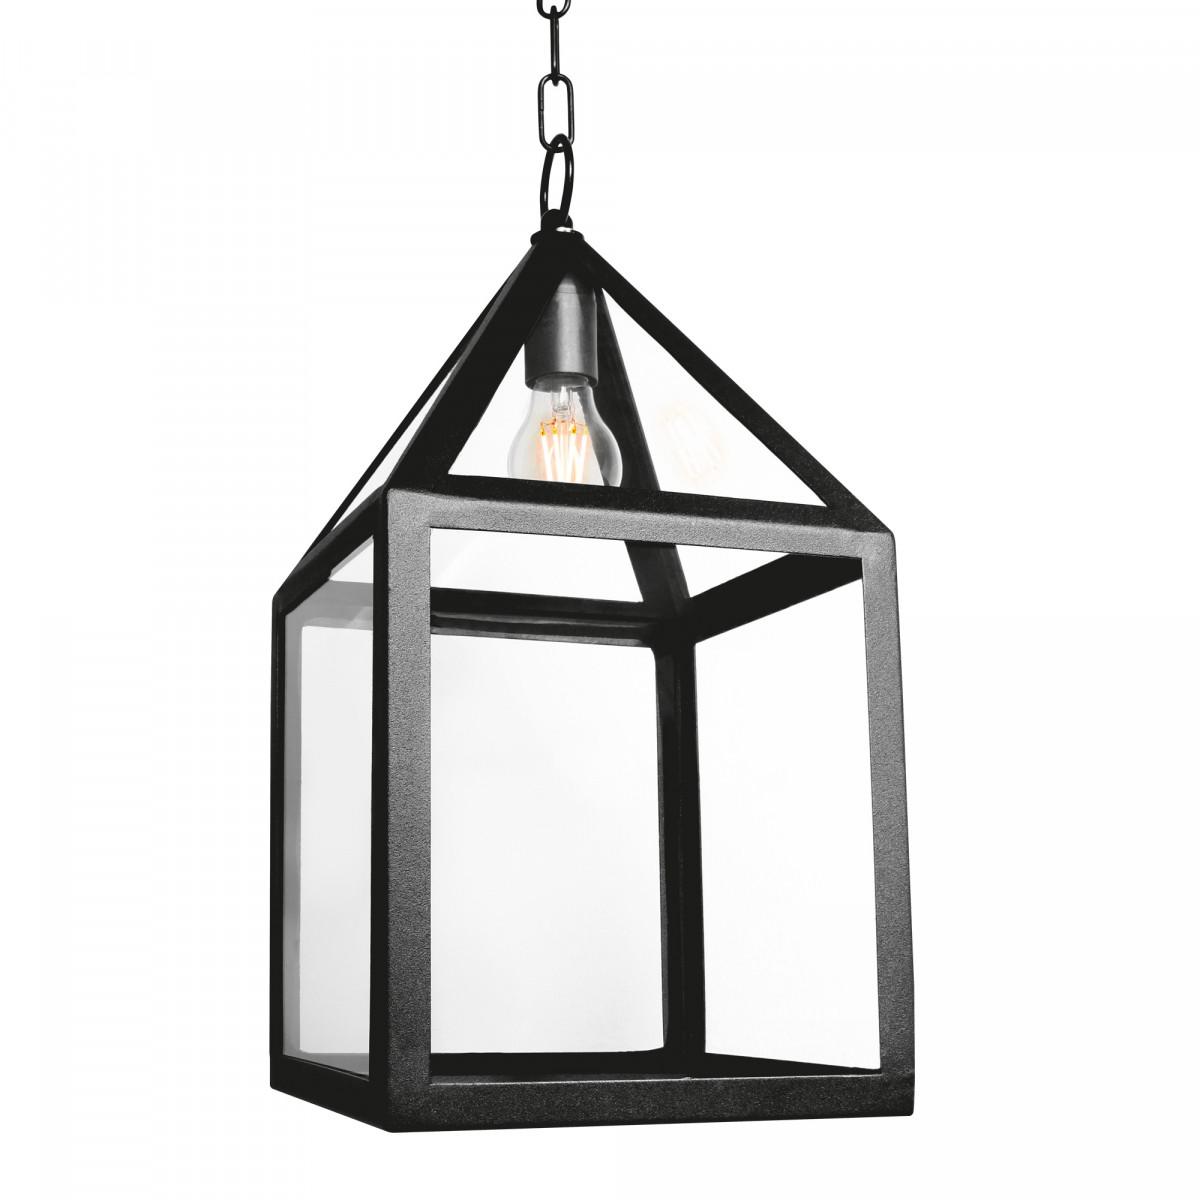 hanglamp aan ketting, zwart frame, huisjes stijl, heldere vensters